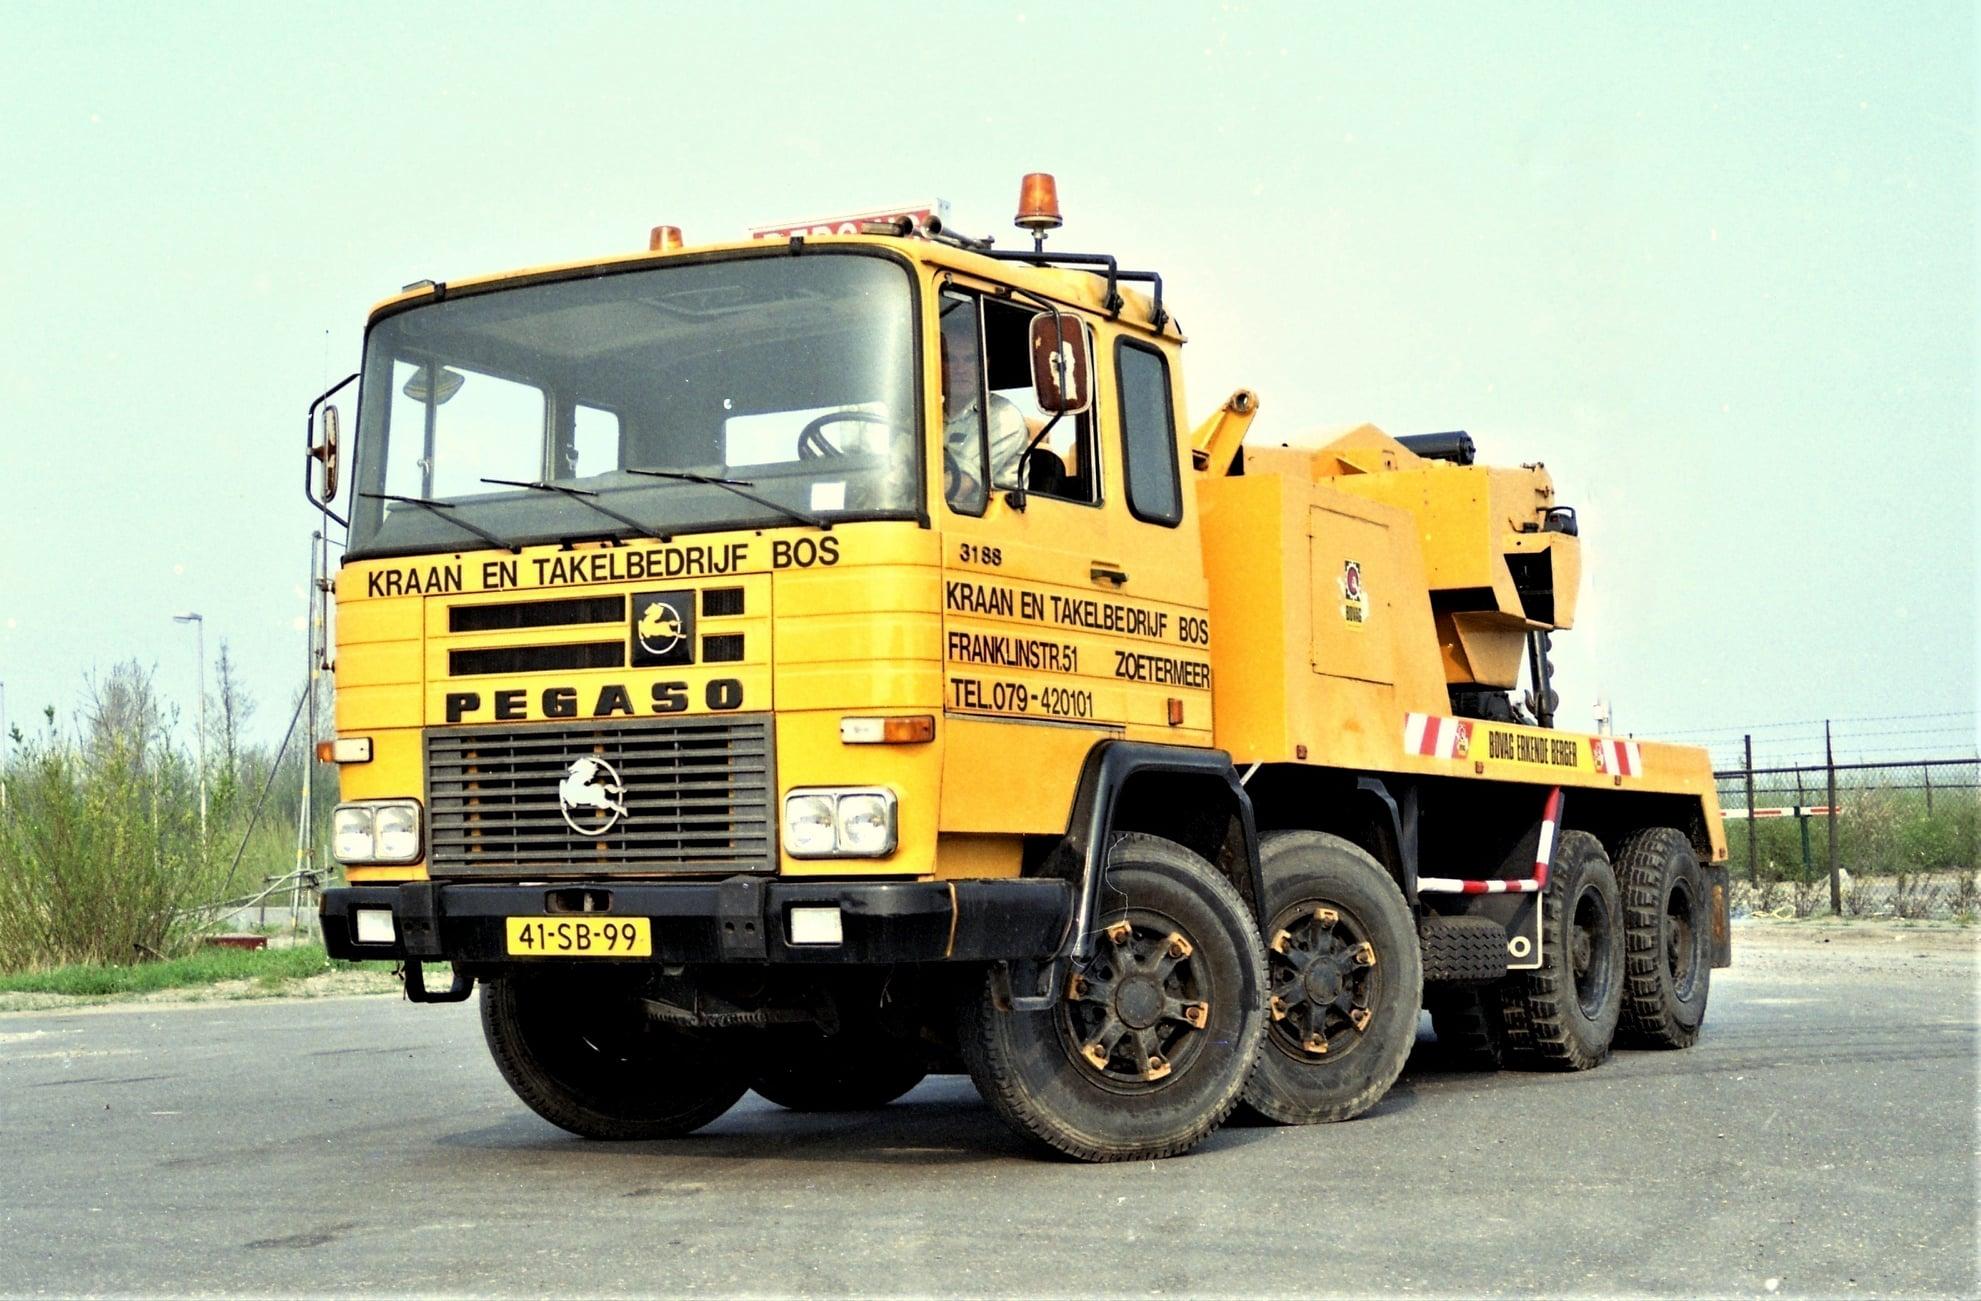 Pegaso-3188-met-Bos-kraan-25-4-1987-Wim-Den-Drunen-foto